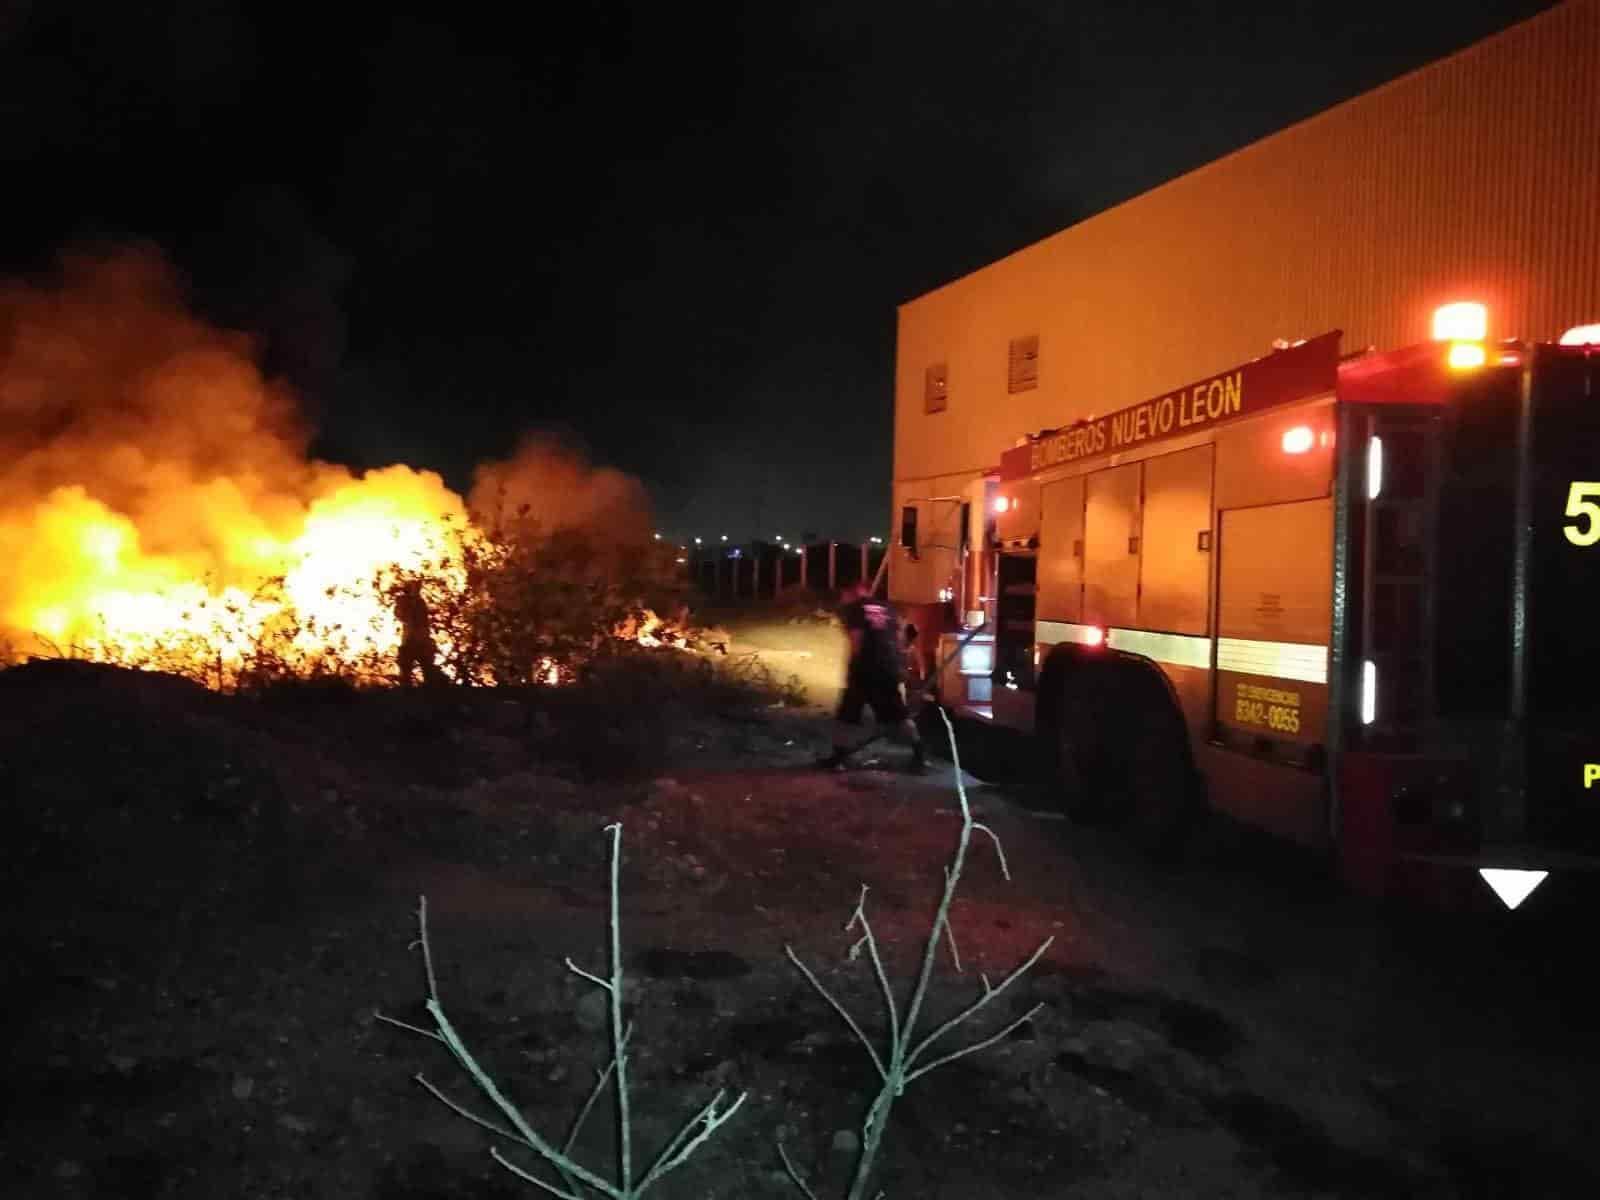 La empresa especializada en transportación de residuos industriales, terminó totalmente destruida al producirse un incendio